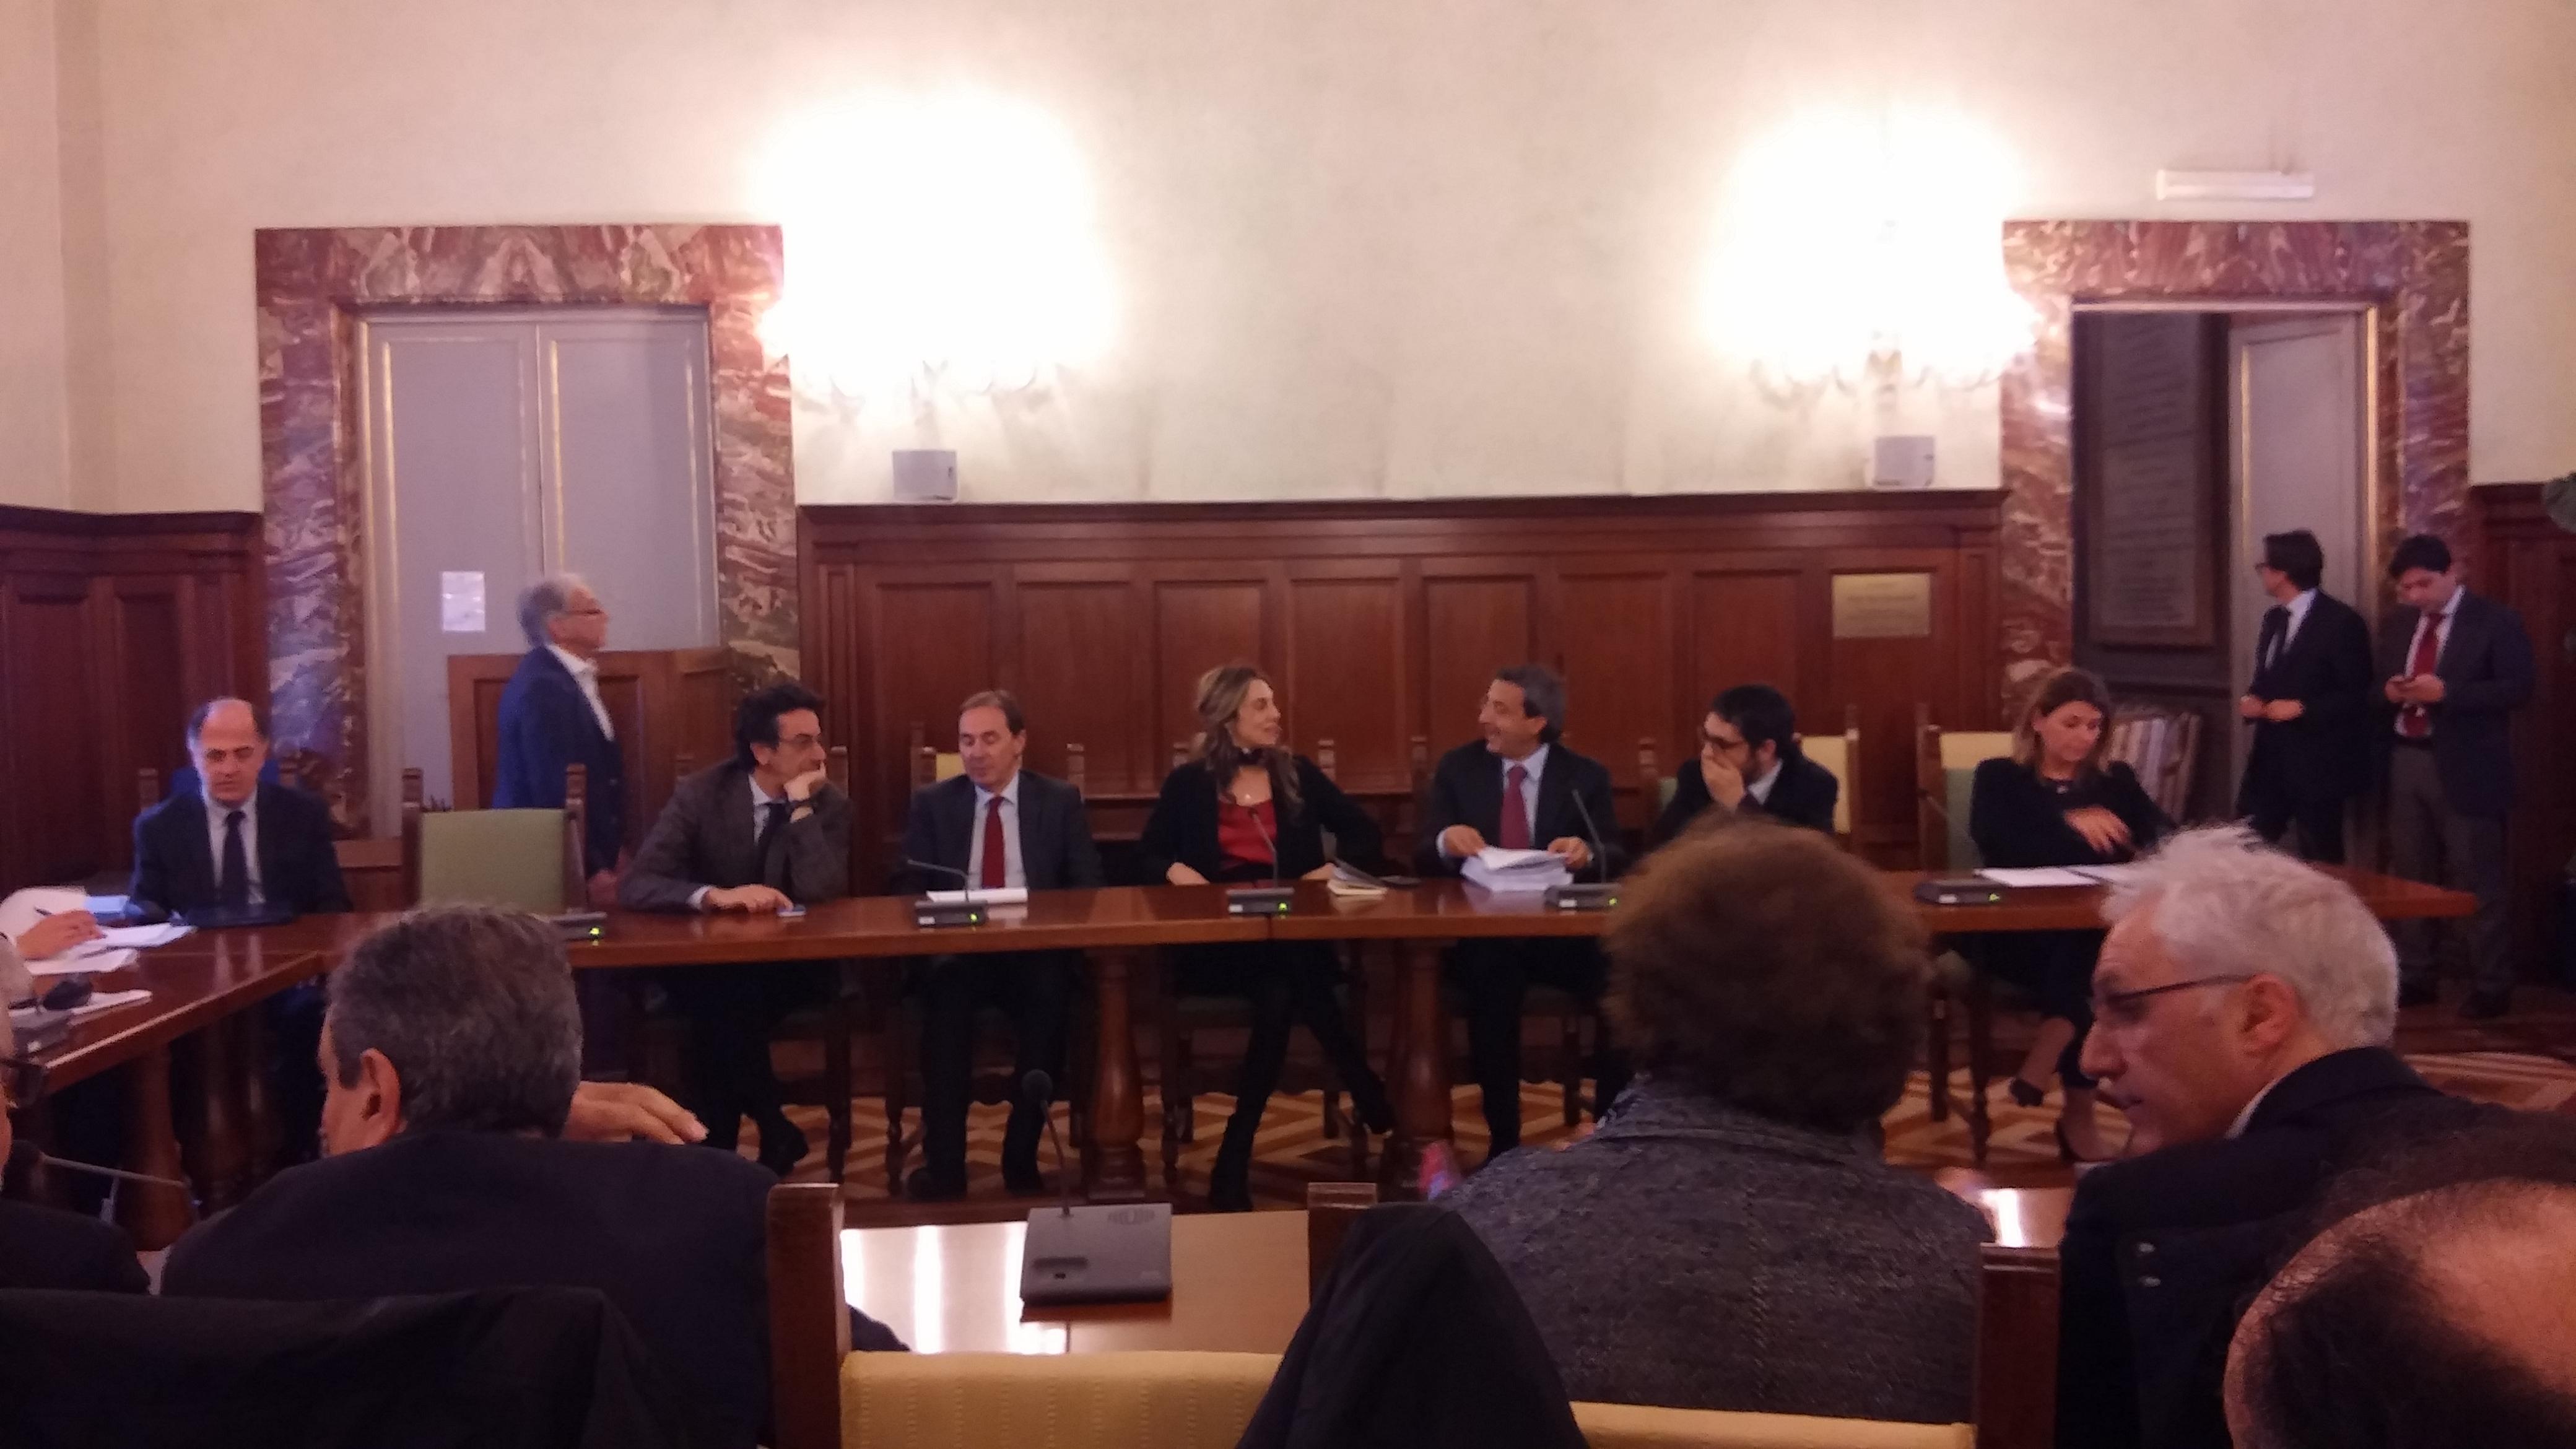 Incontro con la Ministra Madia. Bonazzi, FSI-USAE: finalmente si entra nel merito delle questioni.